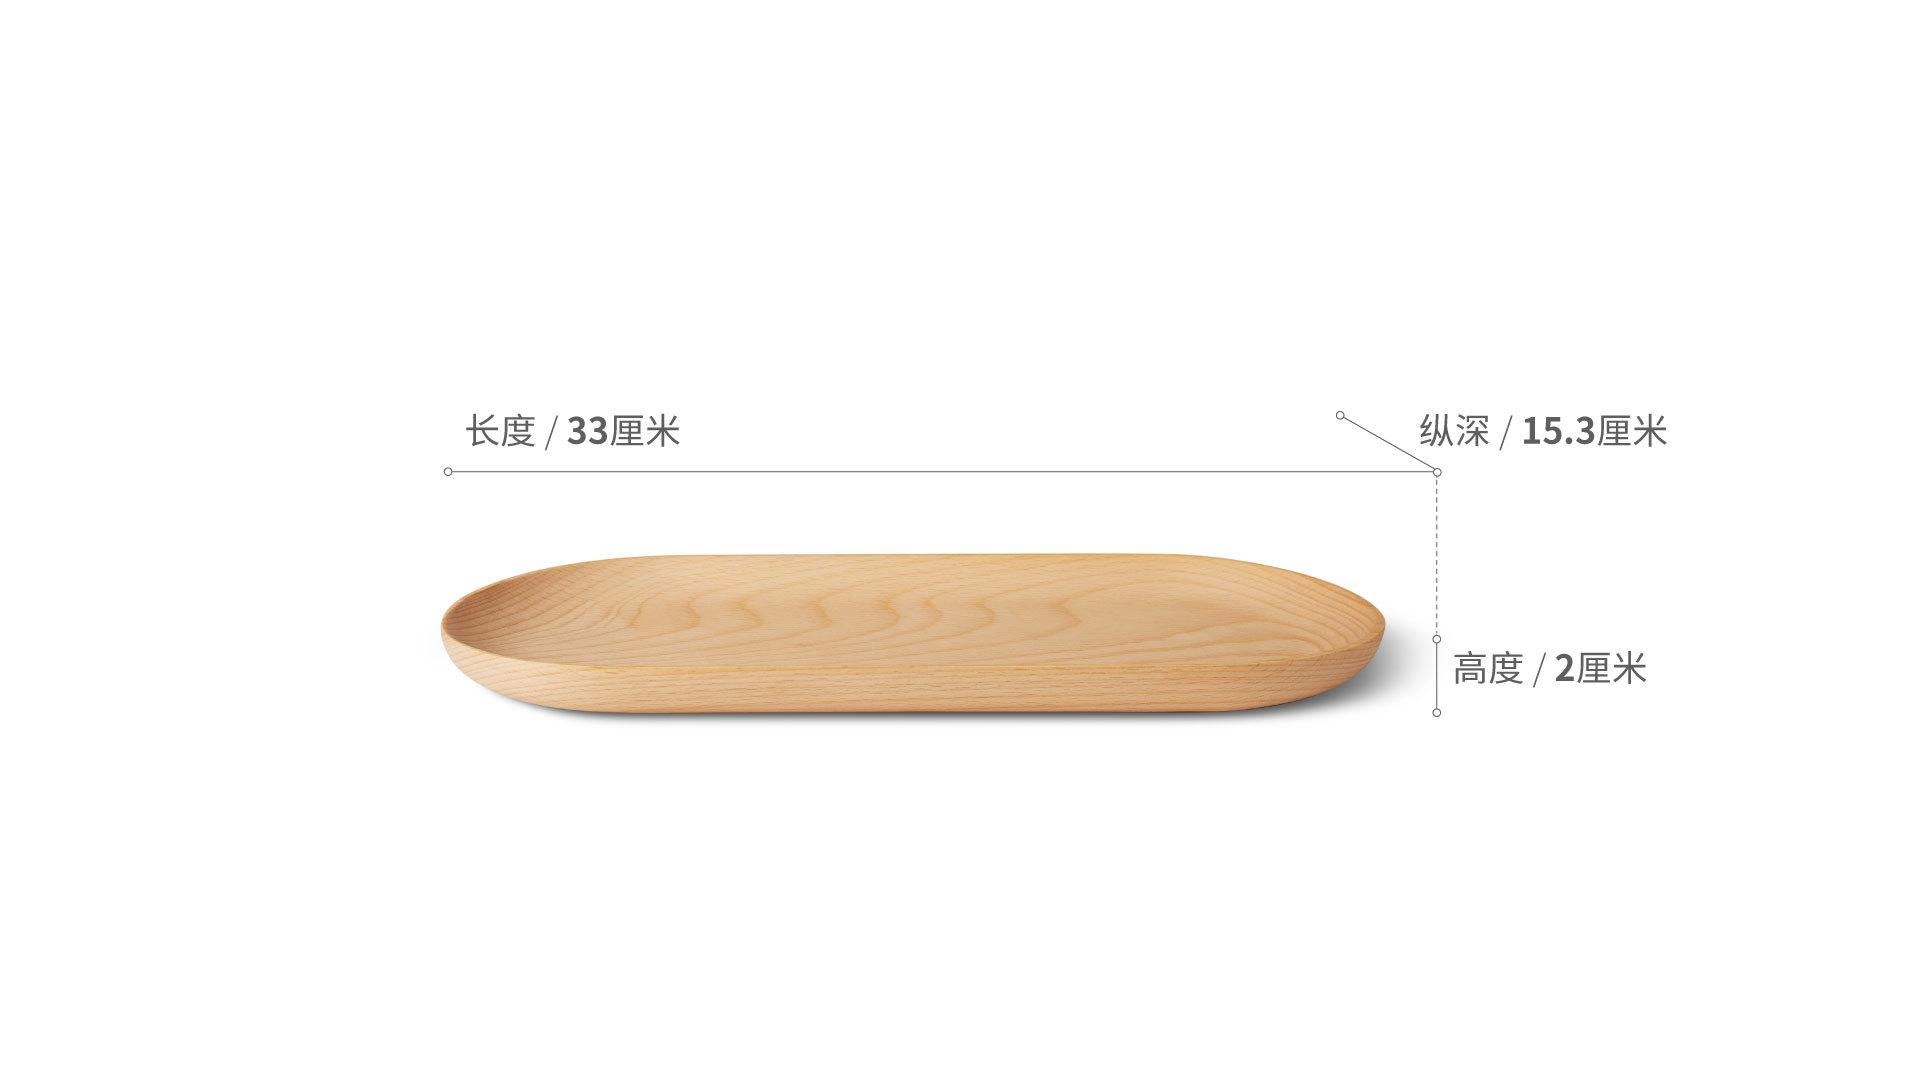 渔舟榉木托盘大托盘餐具效果图